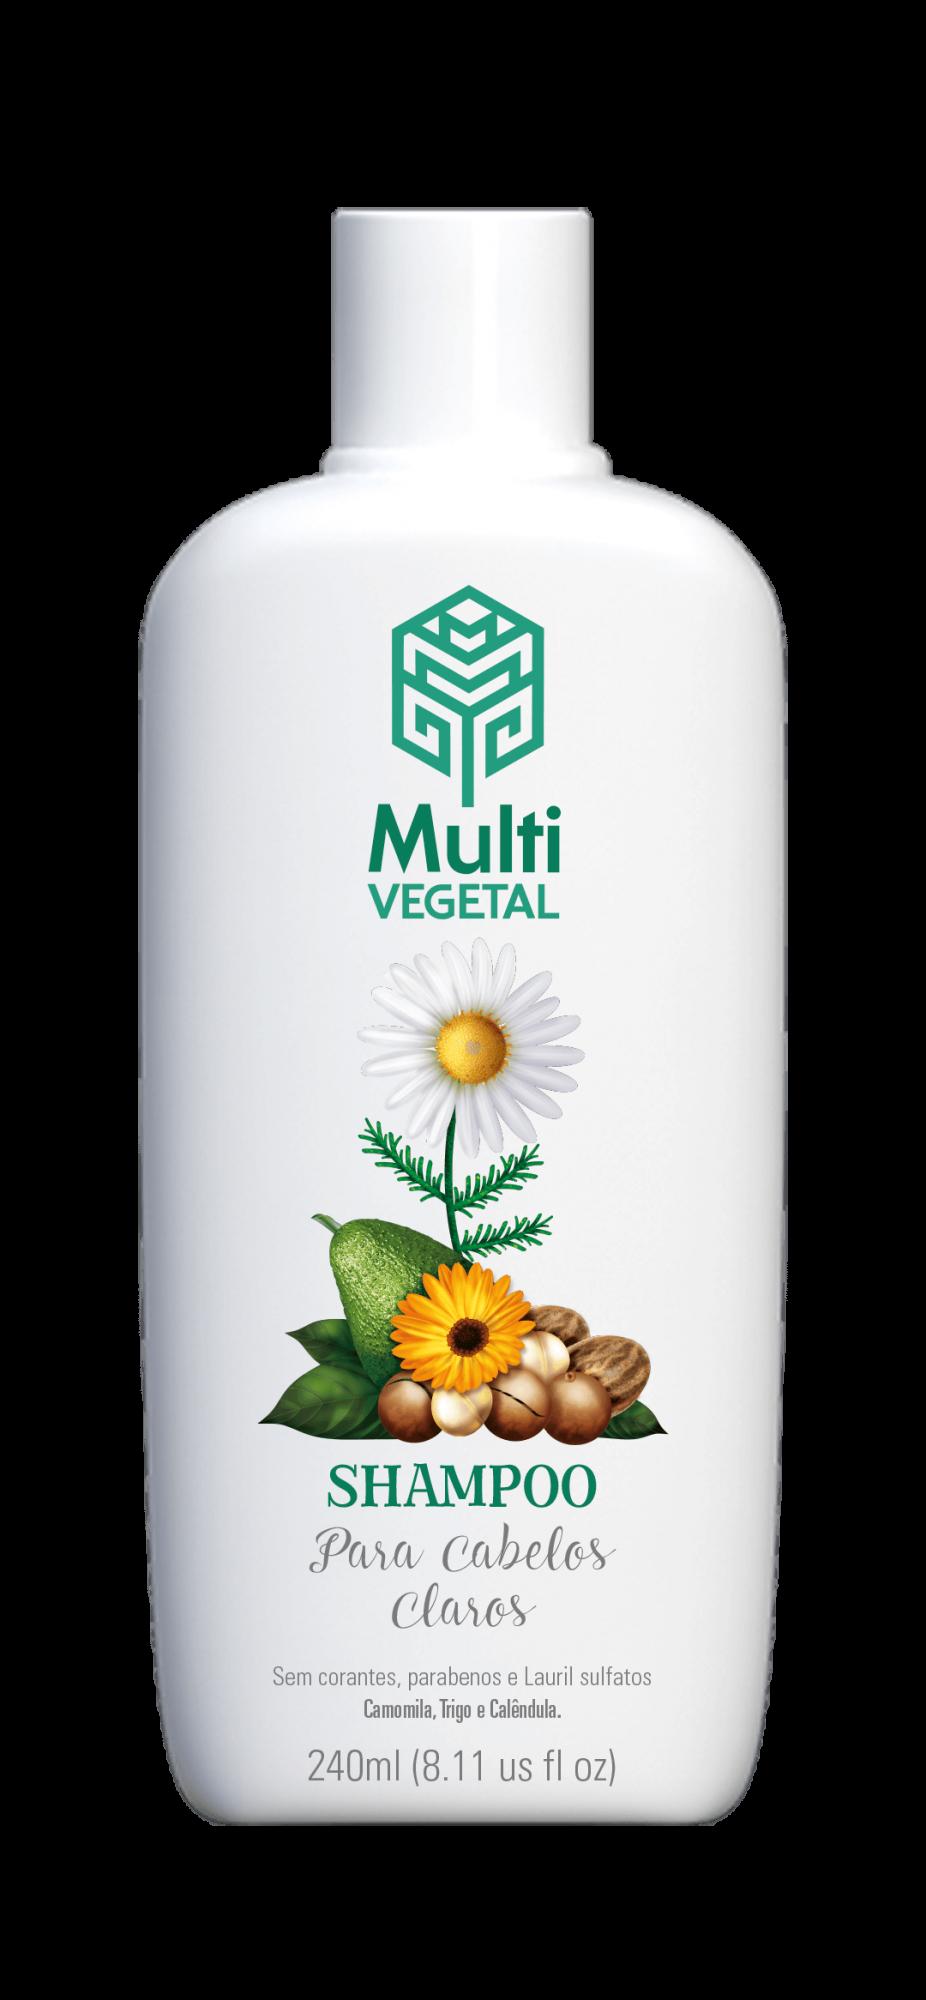 Shampoo de Camomila, Trigo e Calêndula para Cabelos Claros Multi Vegetal 240ml